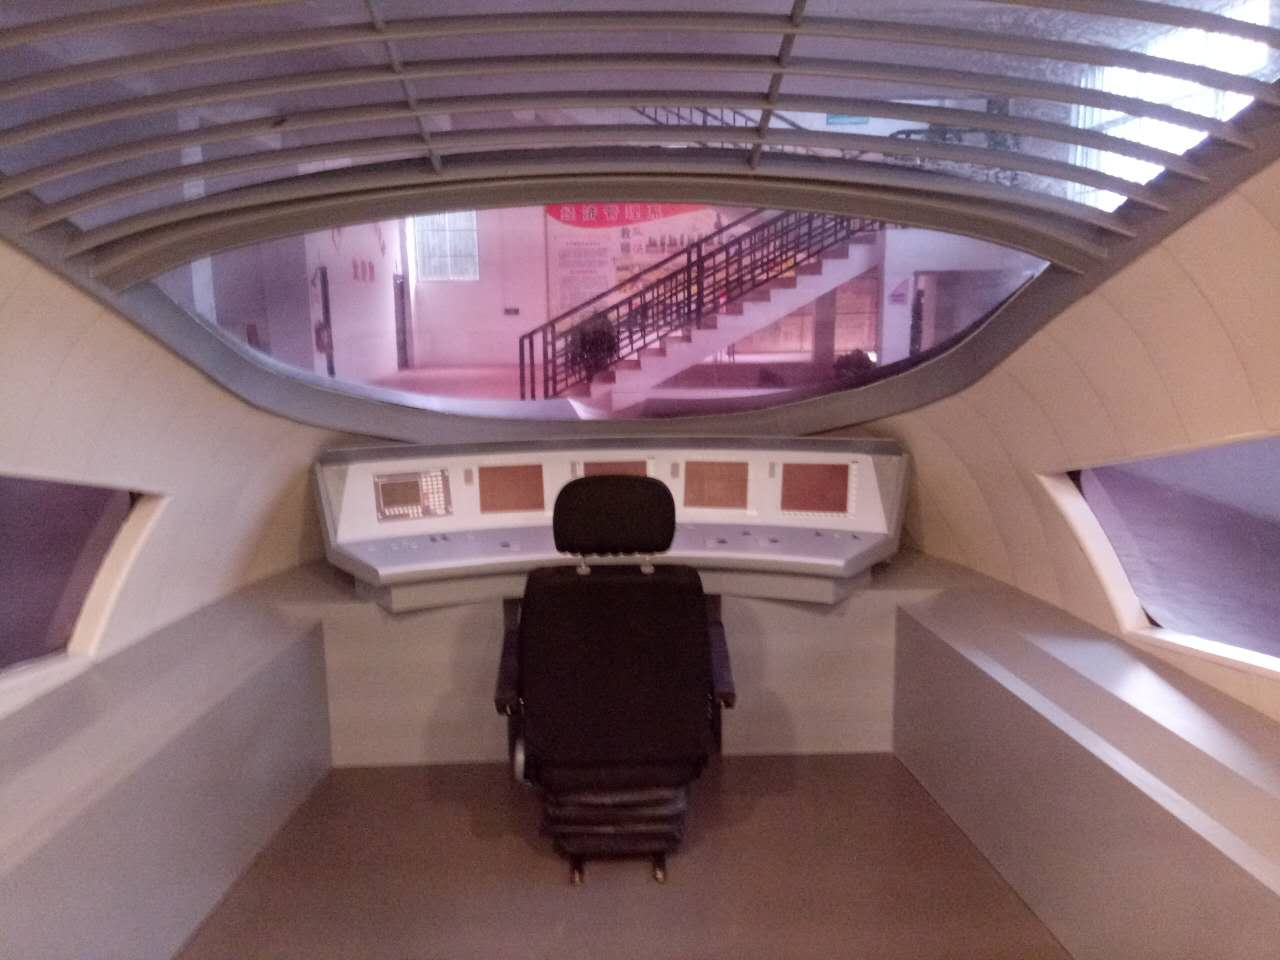 具有口碑的客舱服务训练舱在哪有卖-代理客舱服务训练舱